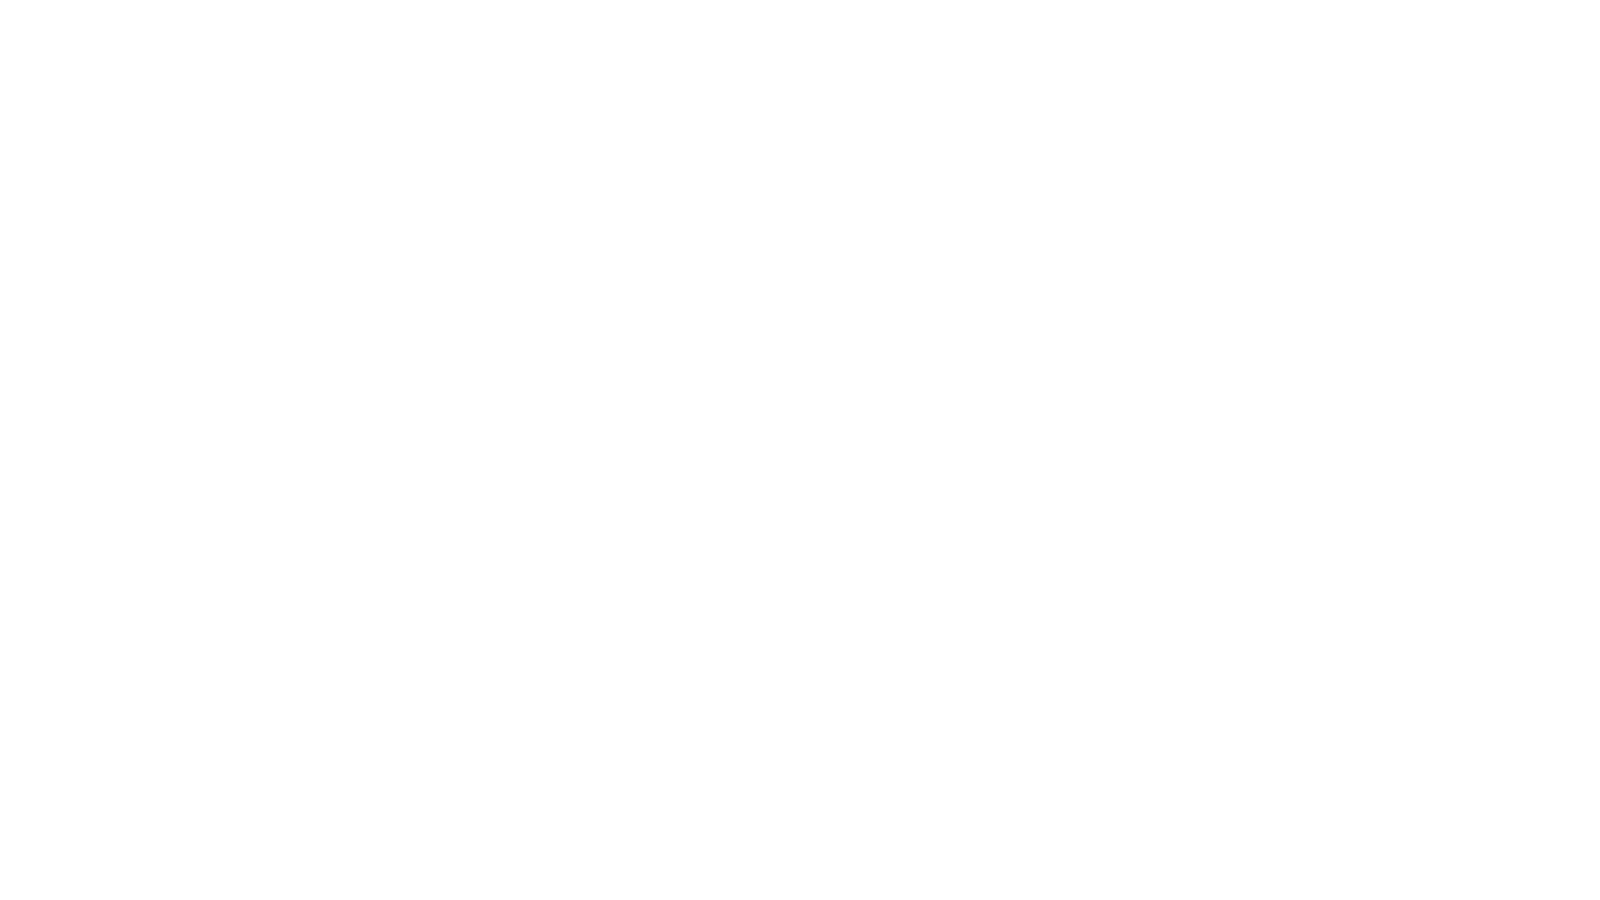 Hernán Sampietro de ActivaMent, Colectivo Activo de personas con la experiencia del Trastorno Mental, desarrolla y explica el artículo 12 de la Convención de Derechos de Personas con Discapacidad, que es el derecho a tener derechos. Interesante y didáctica exposición, fundamental para entender la reivindicación que se realiza desde el colectivo en primera persona.